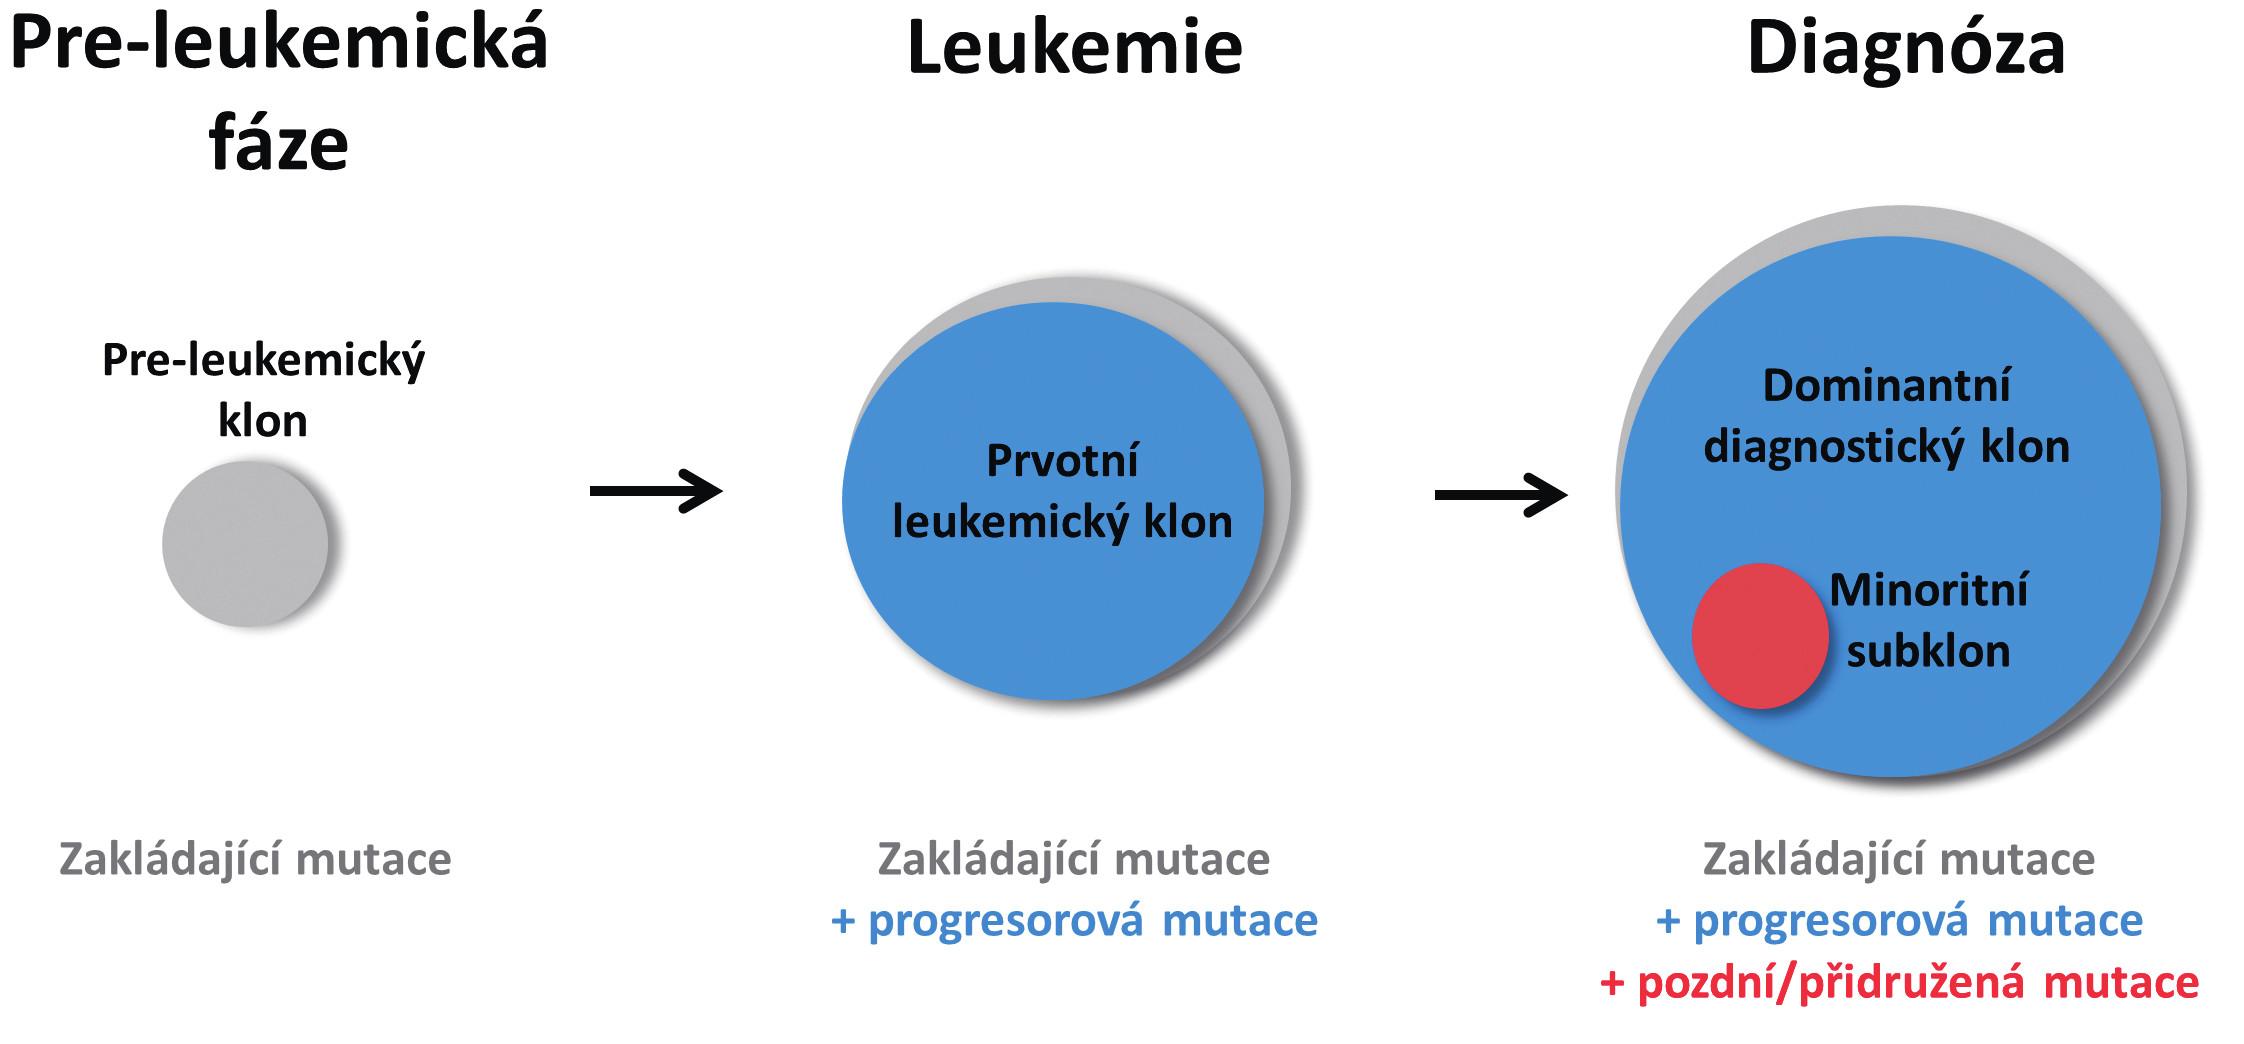 Zjednodušené schéma vícekrokového postupného vývoje AML Z hematopoetického klonu nesoucího zakládající mutaci vzniká po získání druhé, progresorové mutace klon s plně leukemogenní kapacitou. Po výskytu další mutace u jedné z leukemických buněk vzniká subklon, který v době diagnózy představuje pouze minoritní část leukemických buněk. Velikost kruhů vyjadřuje poměrné zastoupení jednotlivých mutací.